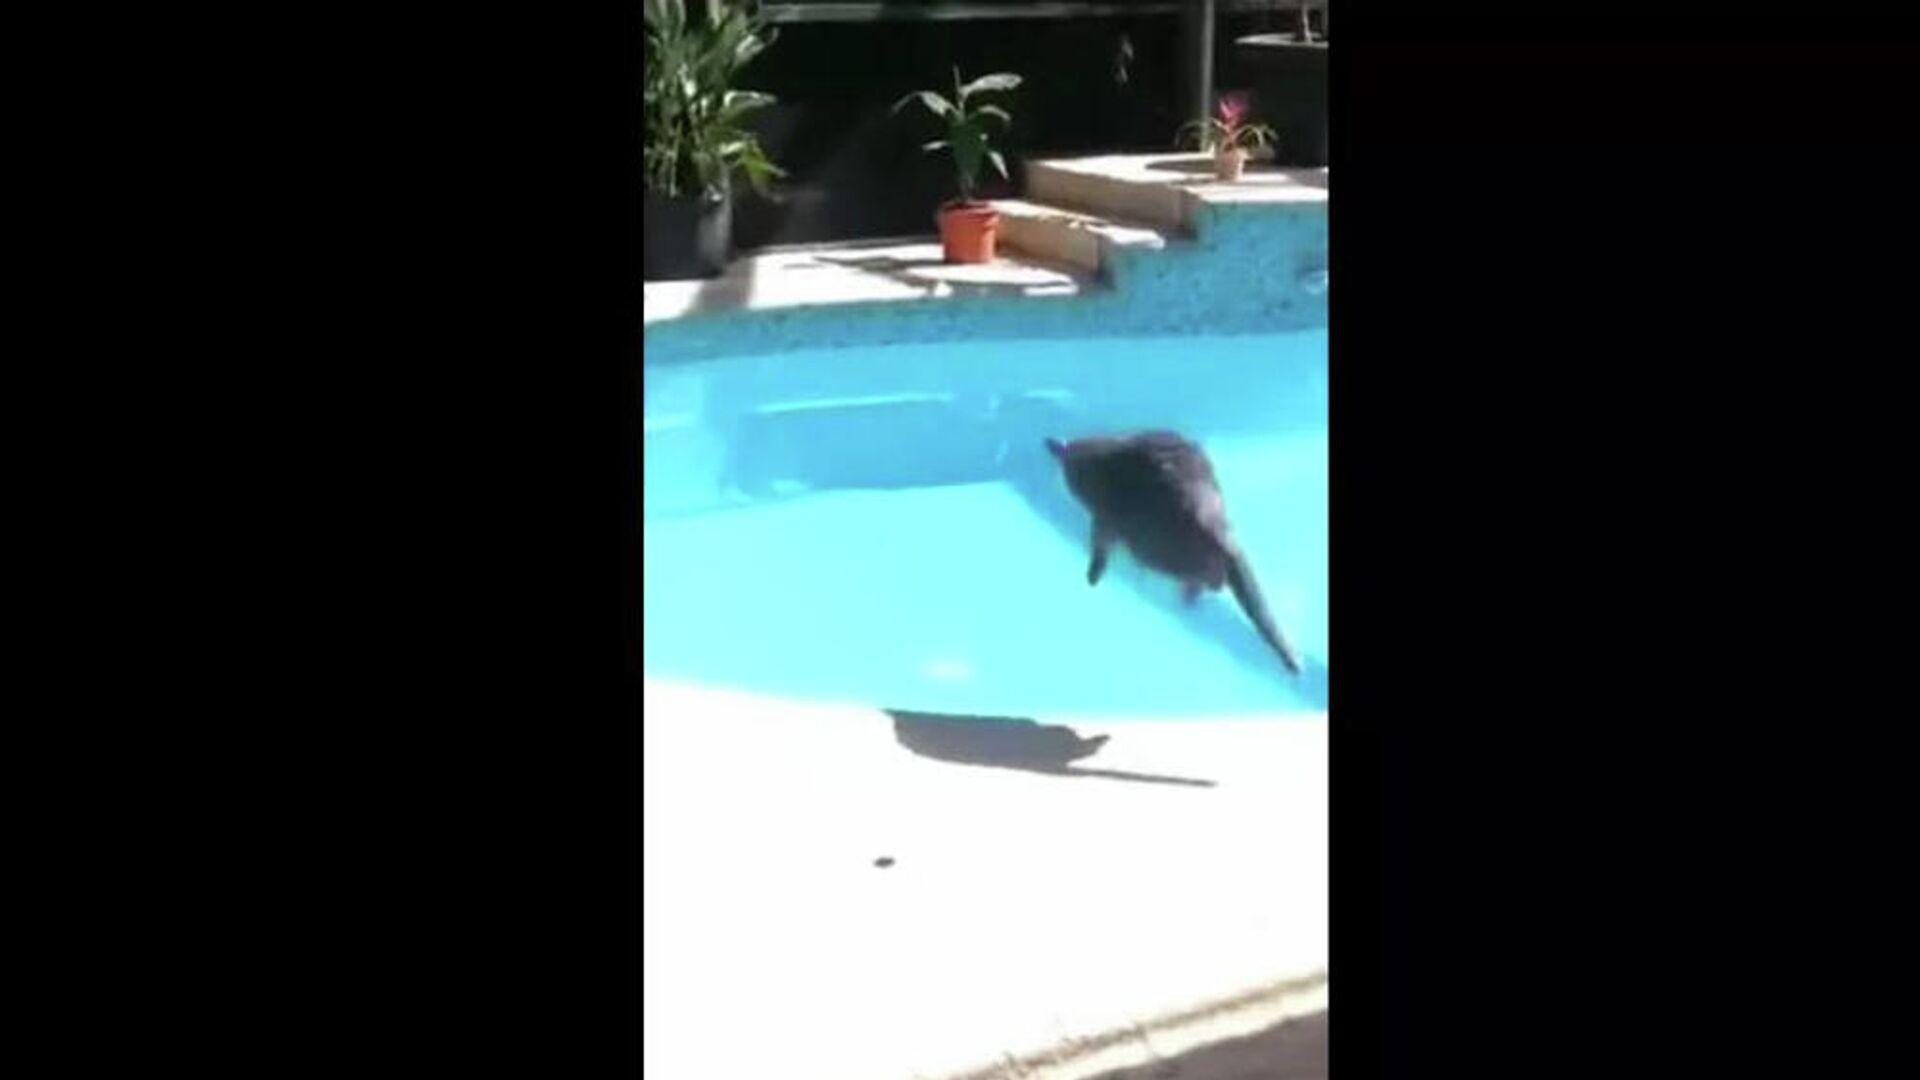 Γάτα τρομάζει και πέφτει στην πισίνα - Sputnik Ελλάδα, 1920, 24.09.2021